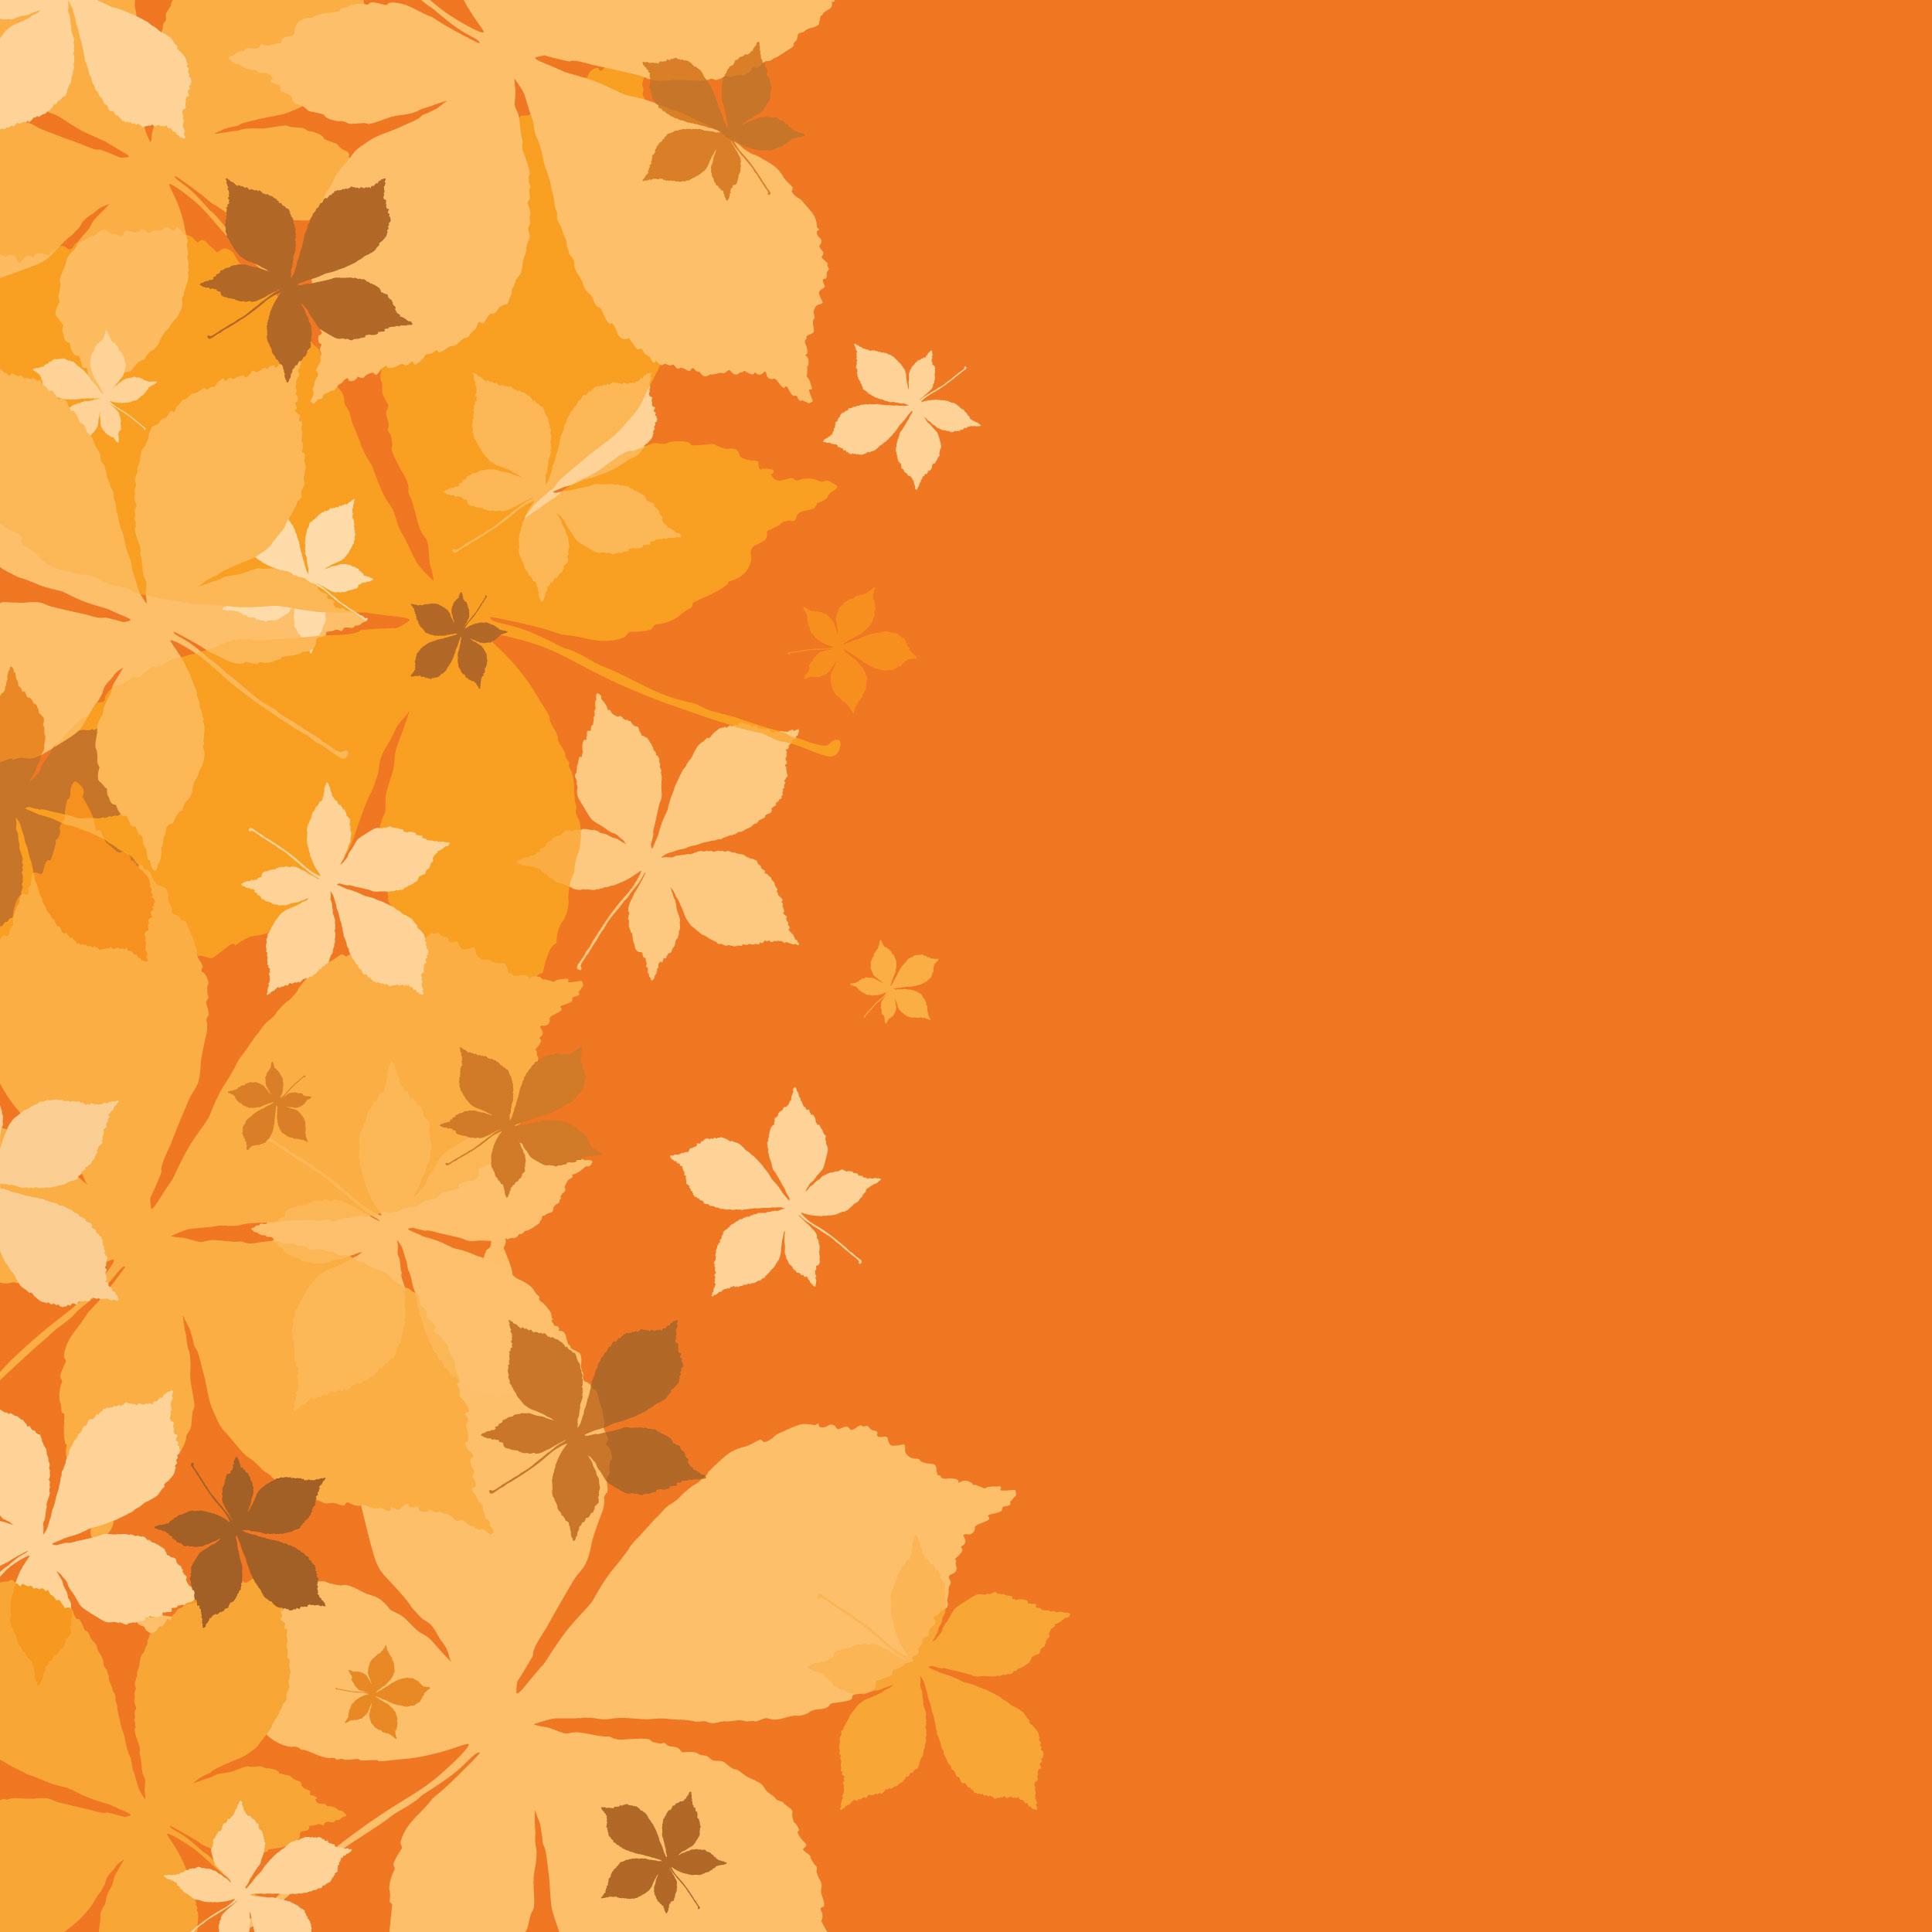 葉っぱや草木のイラスト『壁紙・背景』/無料のフリー素材集【百花繚乱】